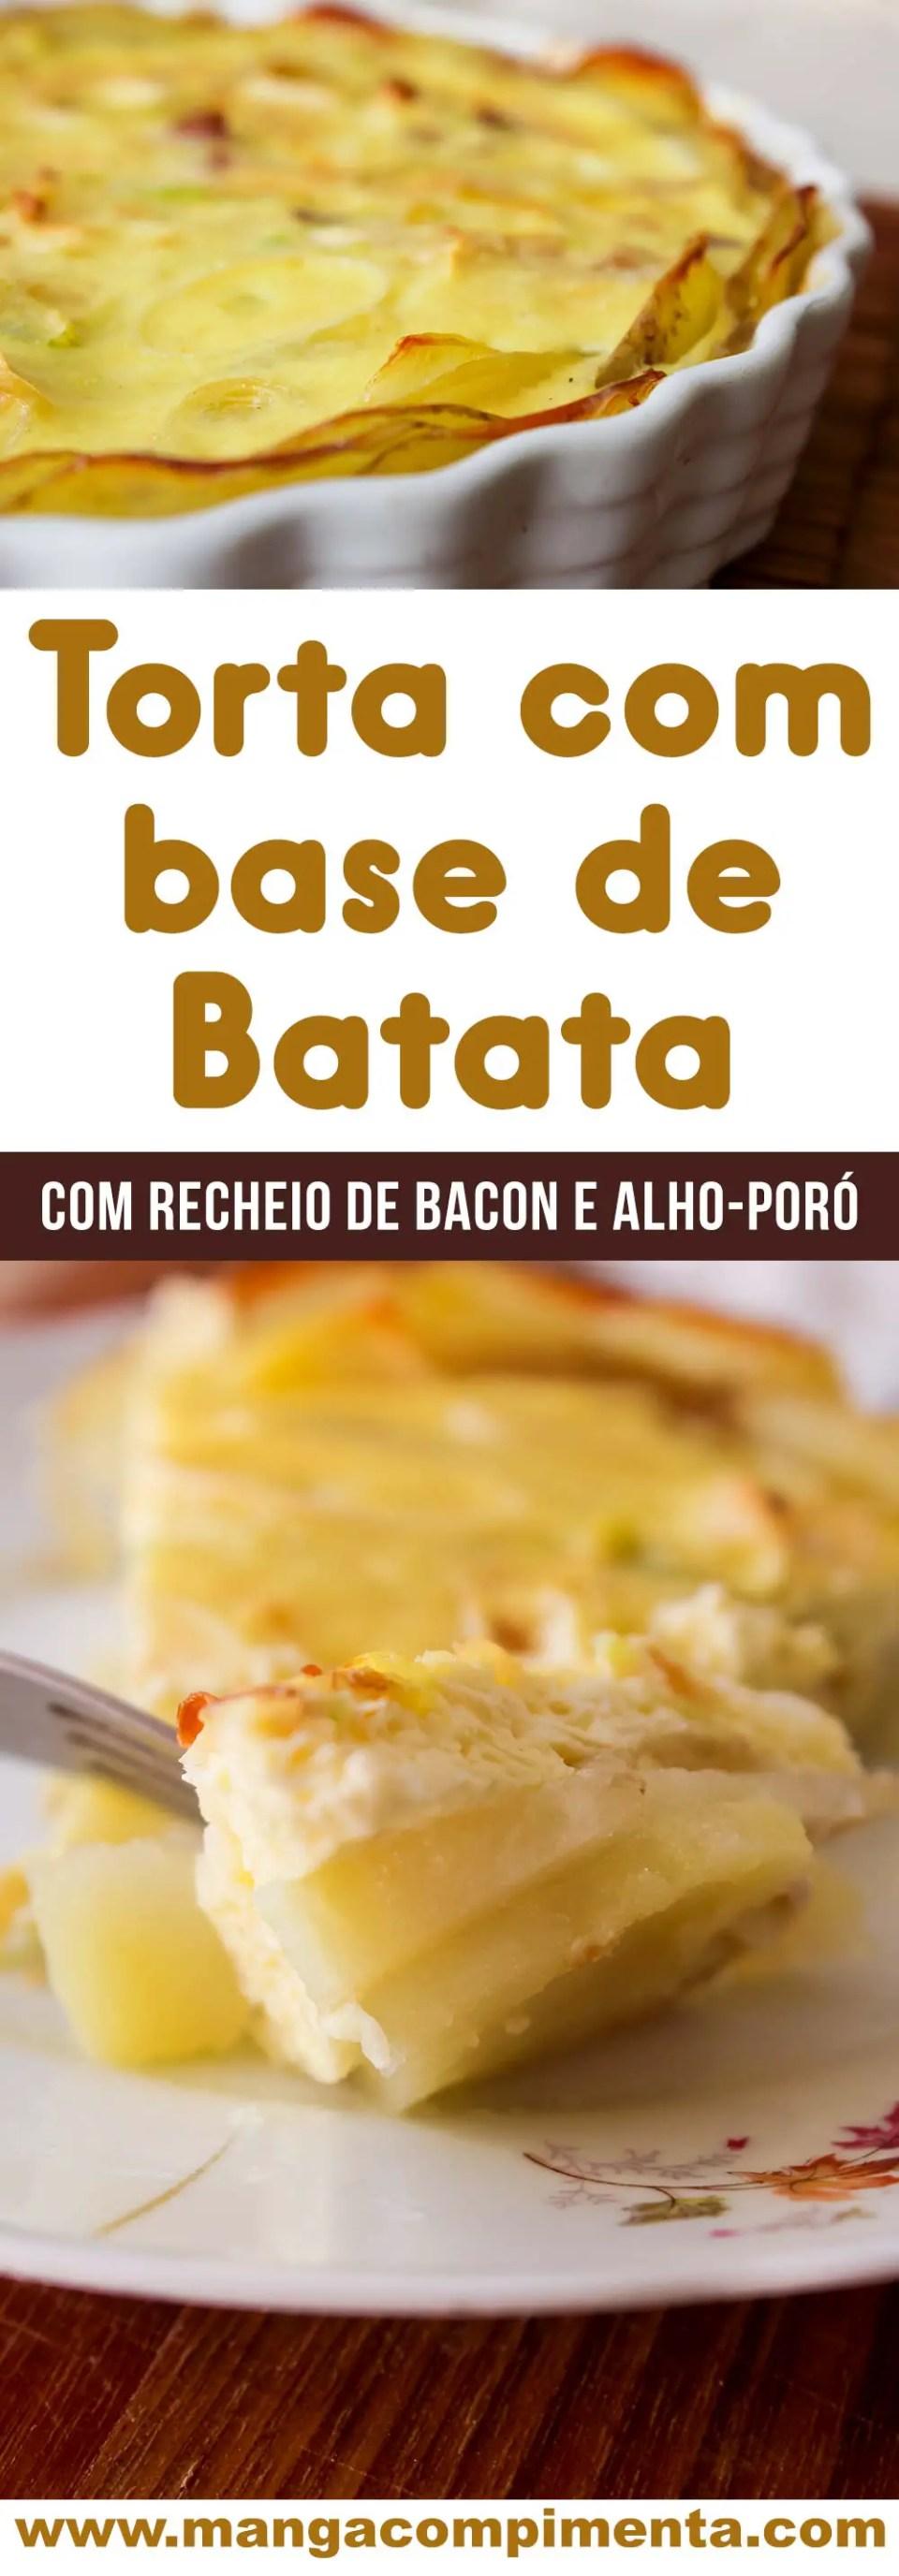 Torta de Alho-poró e Bacon com base de Batata - uma torta sem glúten (sem farinha), deliciosa para servir no final de semana!